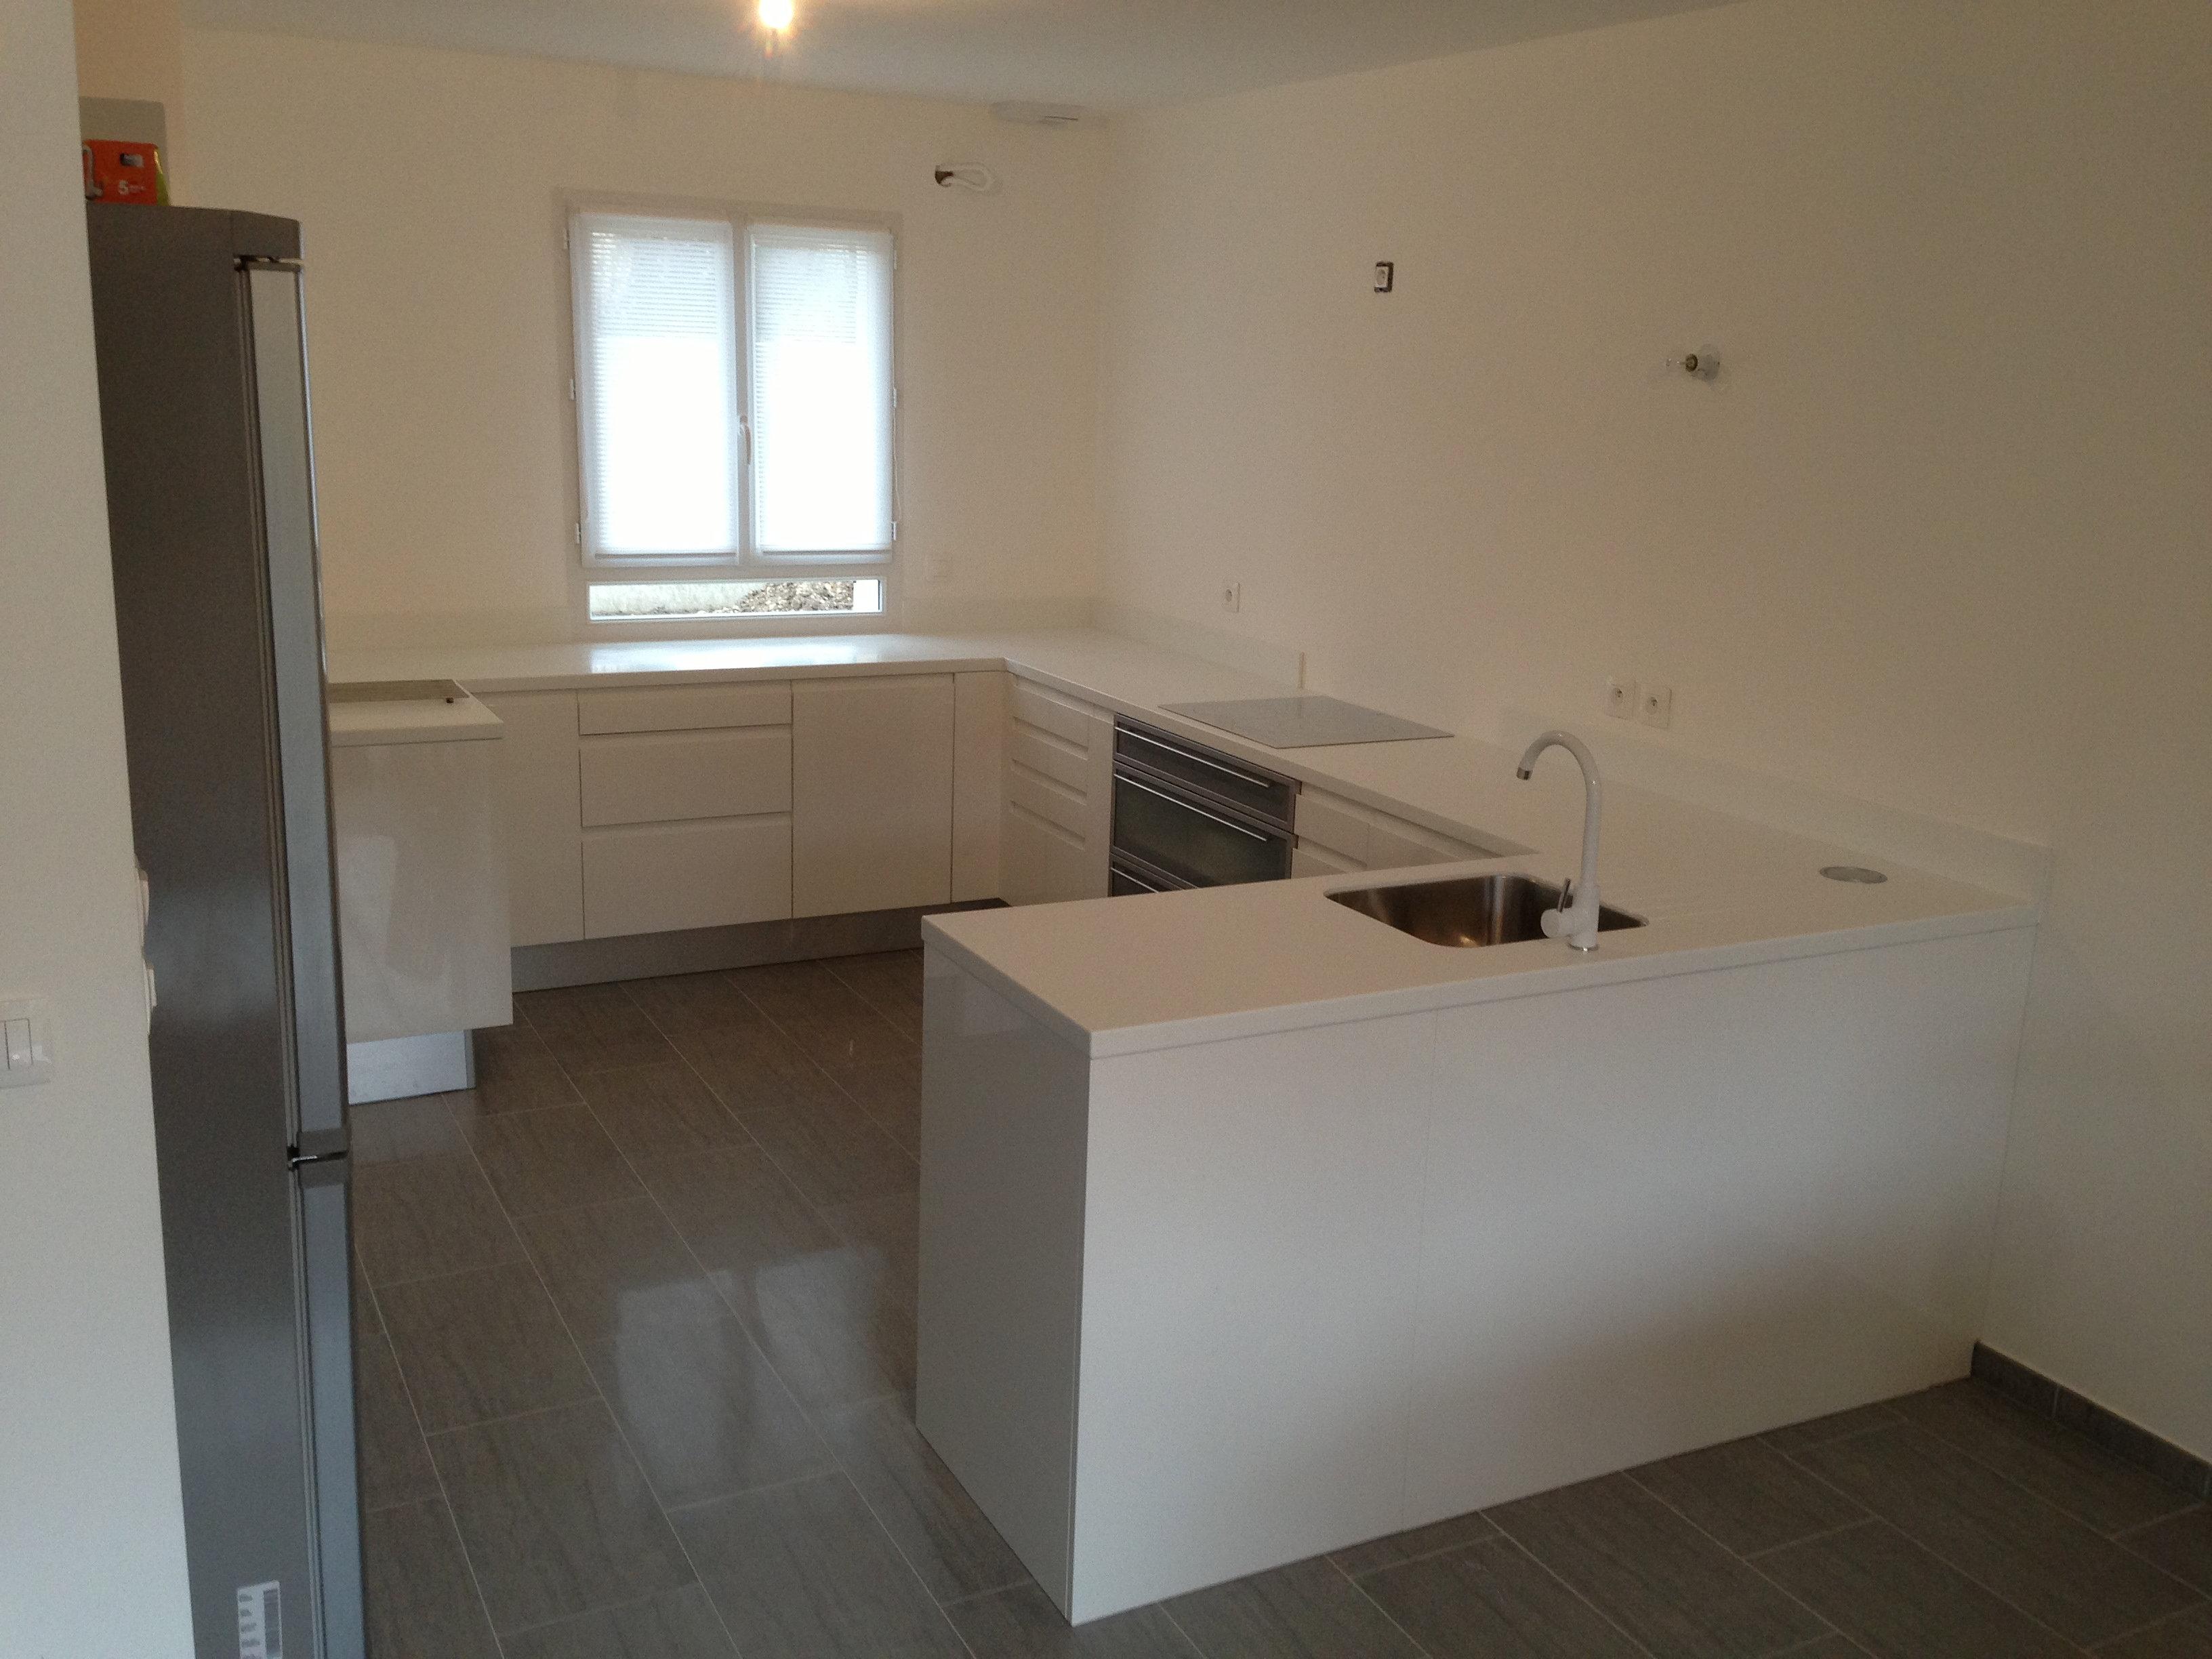 devis plan de travail com paris granit quartz marbre plan de travail cuisine corian blanc. Black Bedroom Furniture Sets. Home Design Ideas